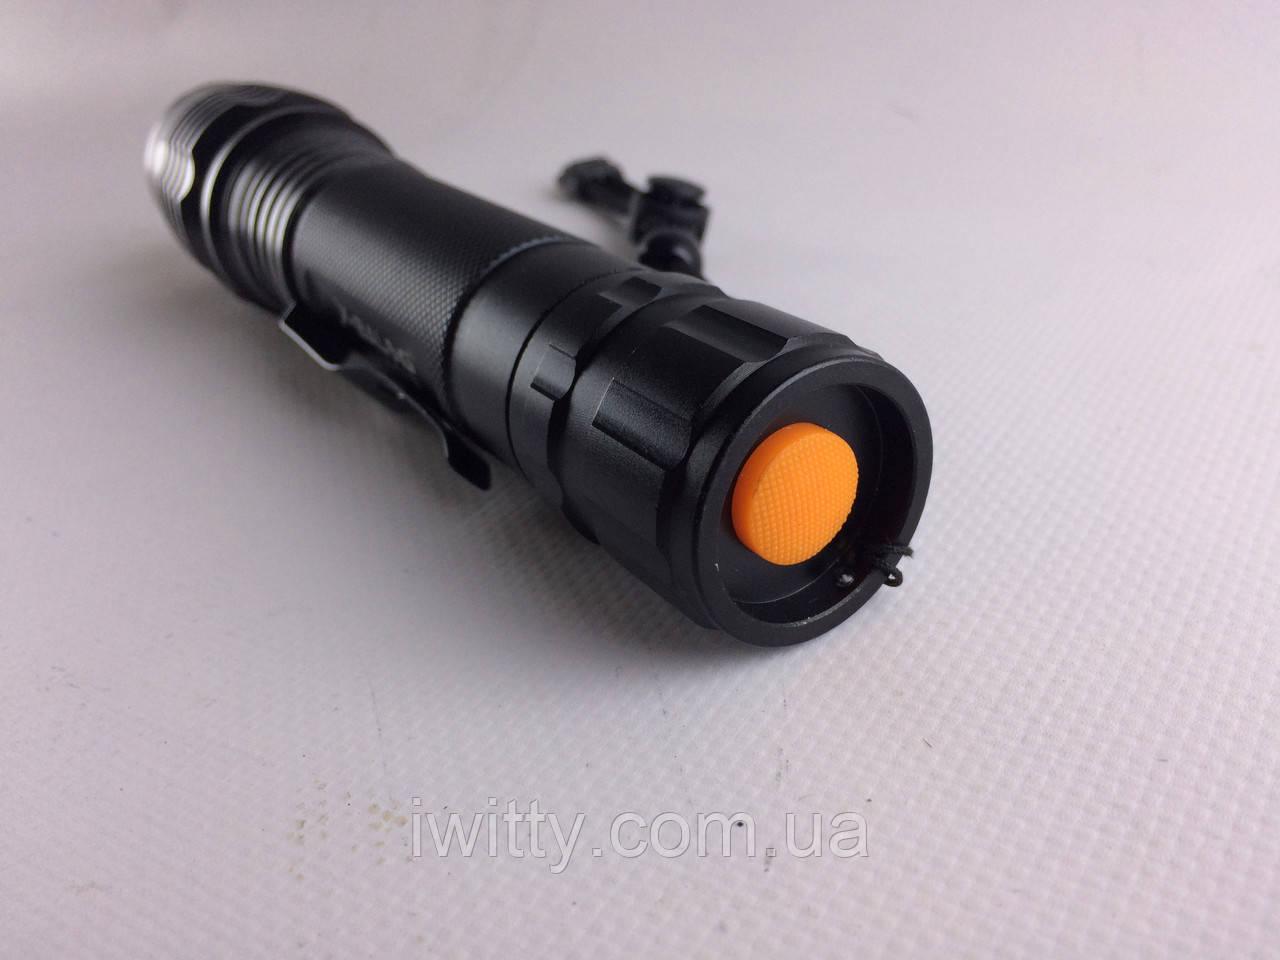 LED фонарик BL-P08-P50